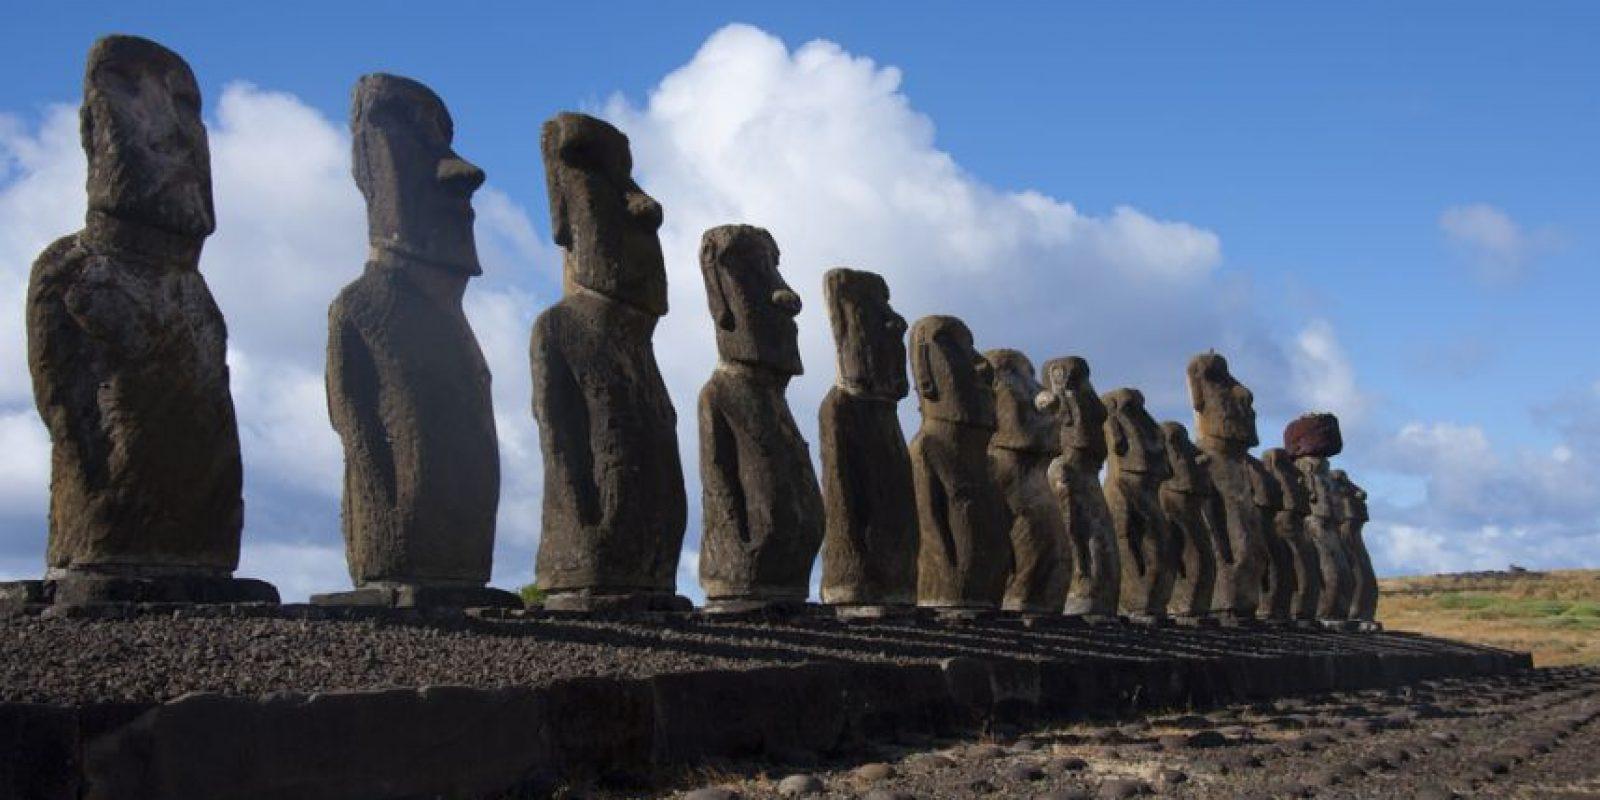 Vista panorámica de la isla chilena. / Ricardo Ramírez Foto:Los Moai son figuras humanas monolíticas talladas por el pueblo Rapa Nui